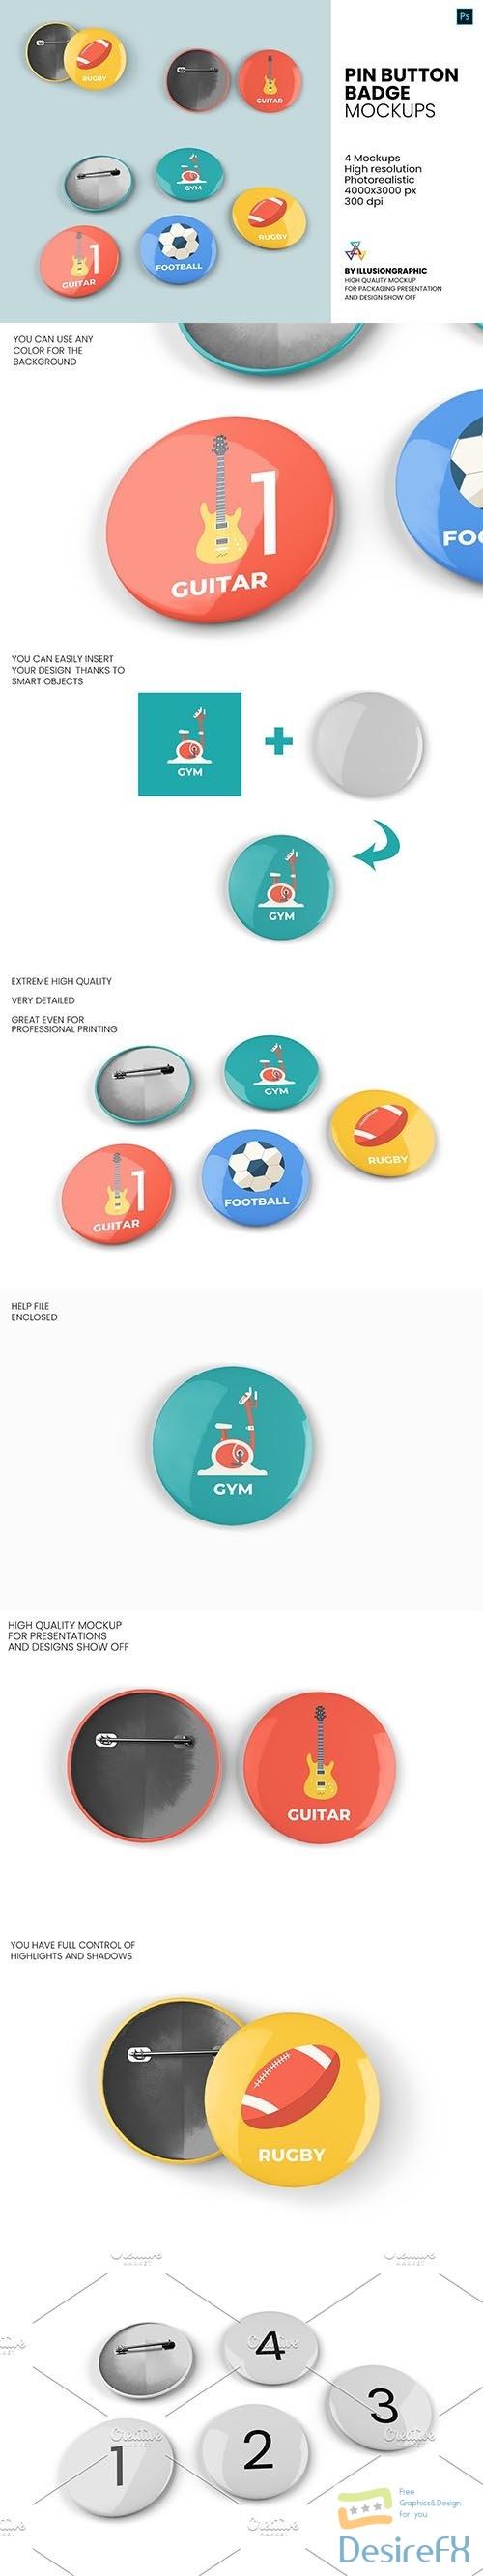 CreativeMarket - Pin Button Badge Mockup - 4 Views 5672634